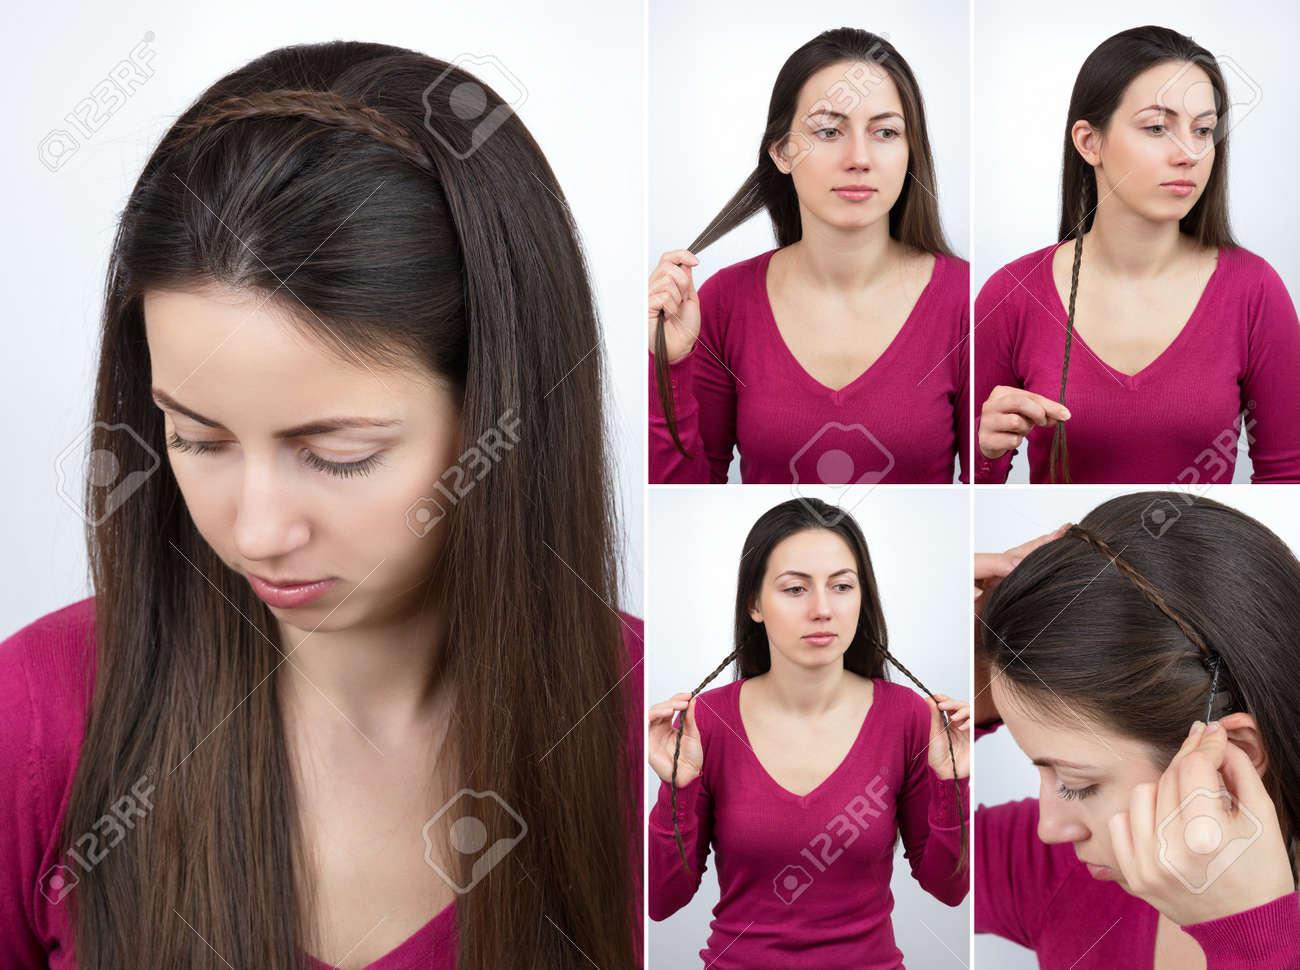 hairstyle braided hoop tutorial - 76109139